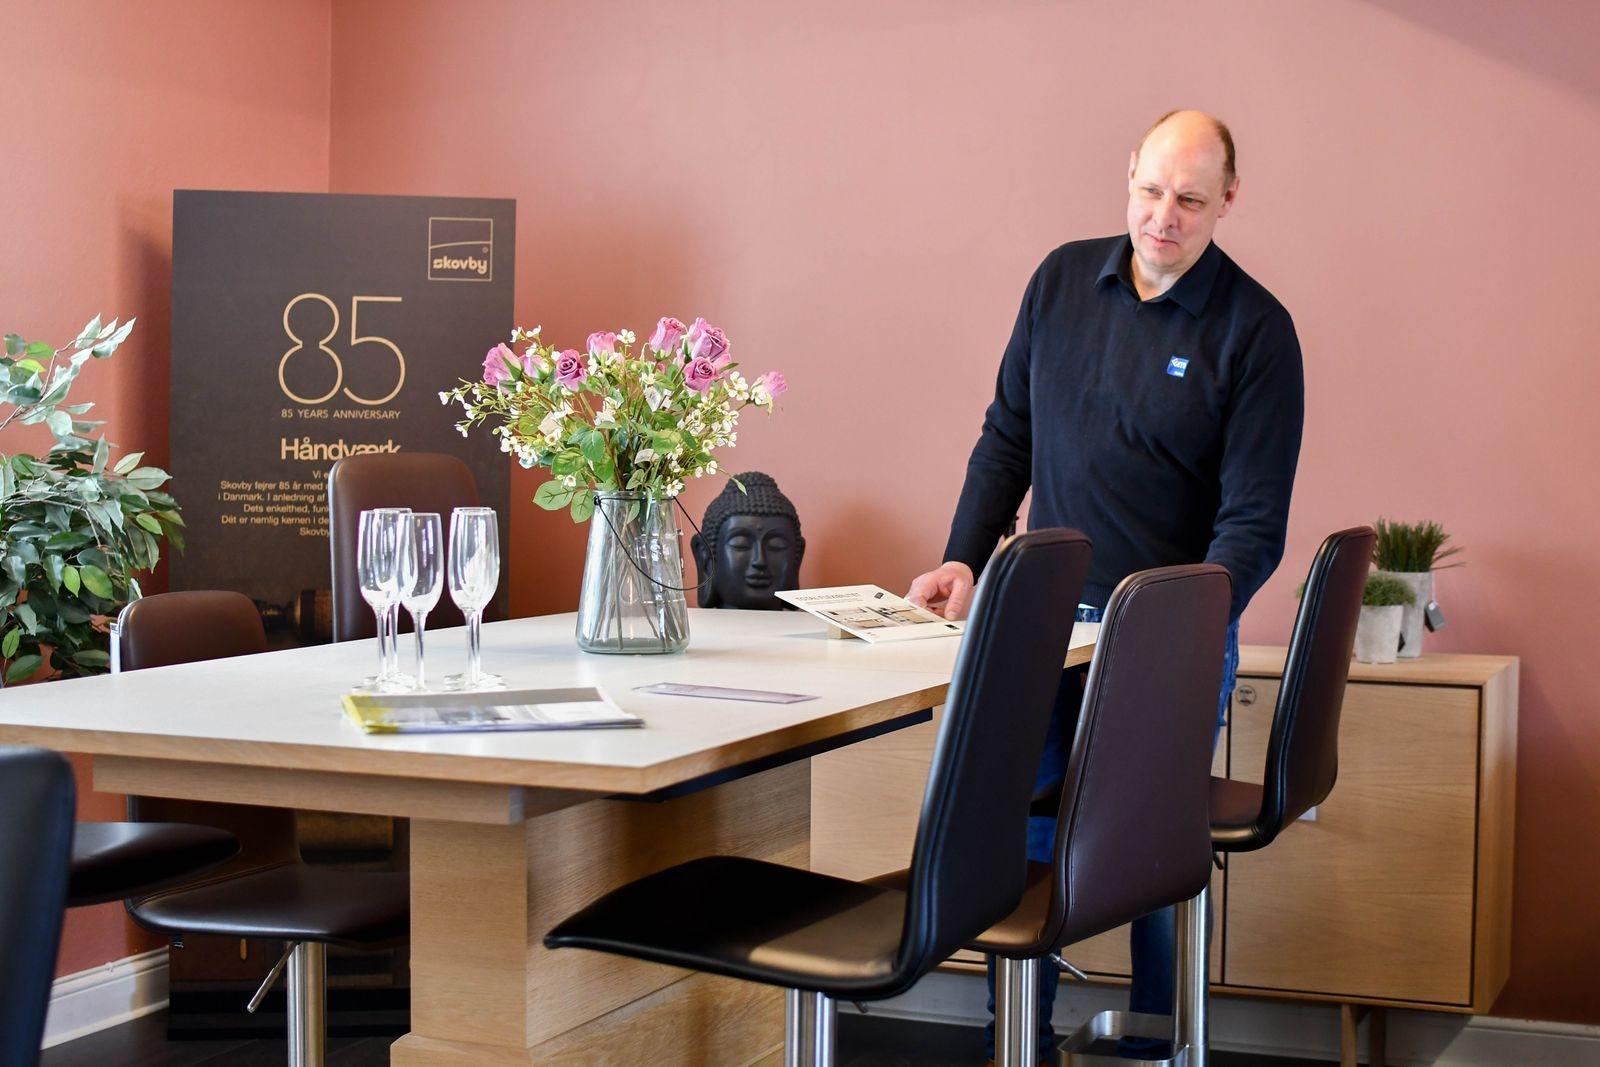 Många kunder söker flexibla möbellösningar. Henrik visar ett höj- och sänkbart bord som fungerar lika bra som arbets-, mat- och soffbord.